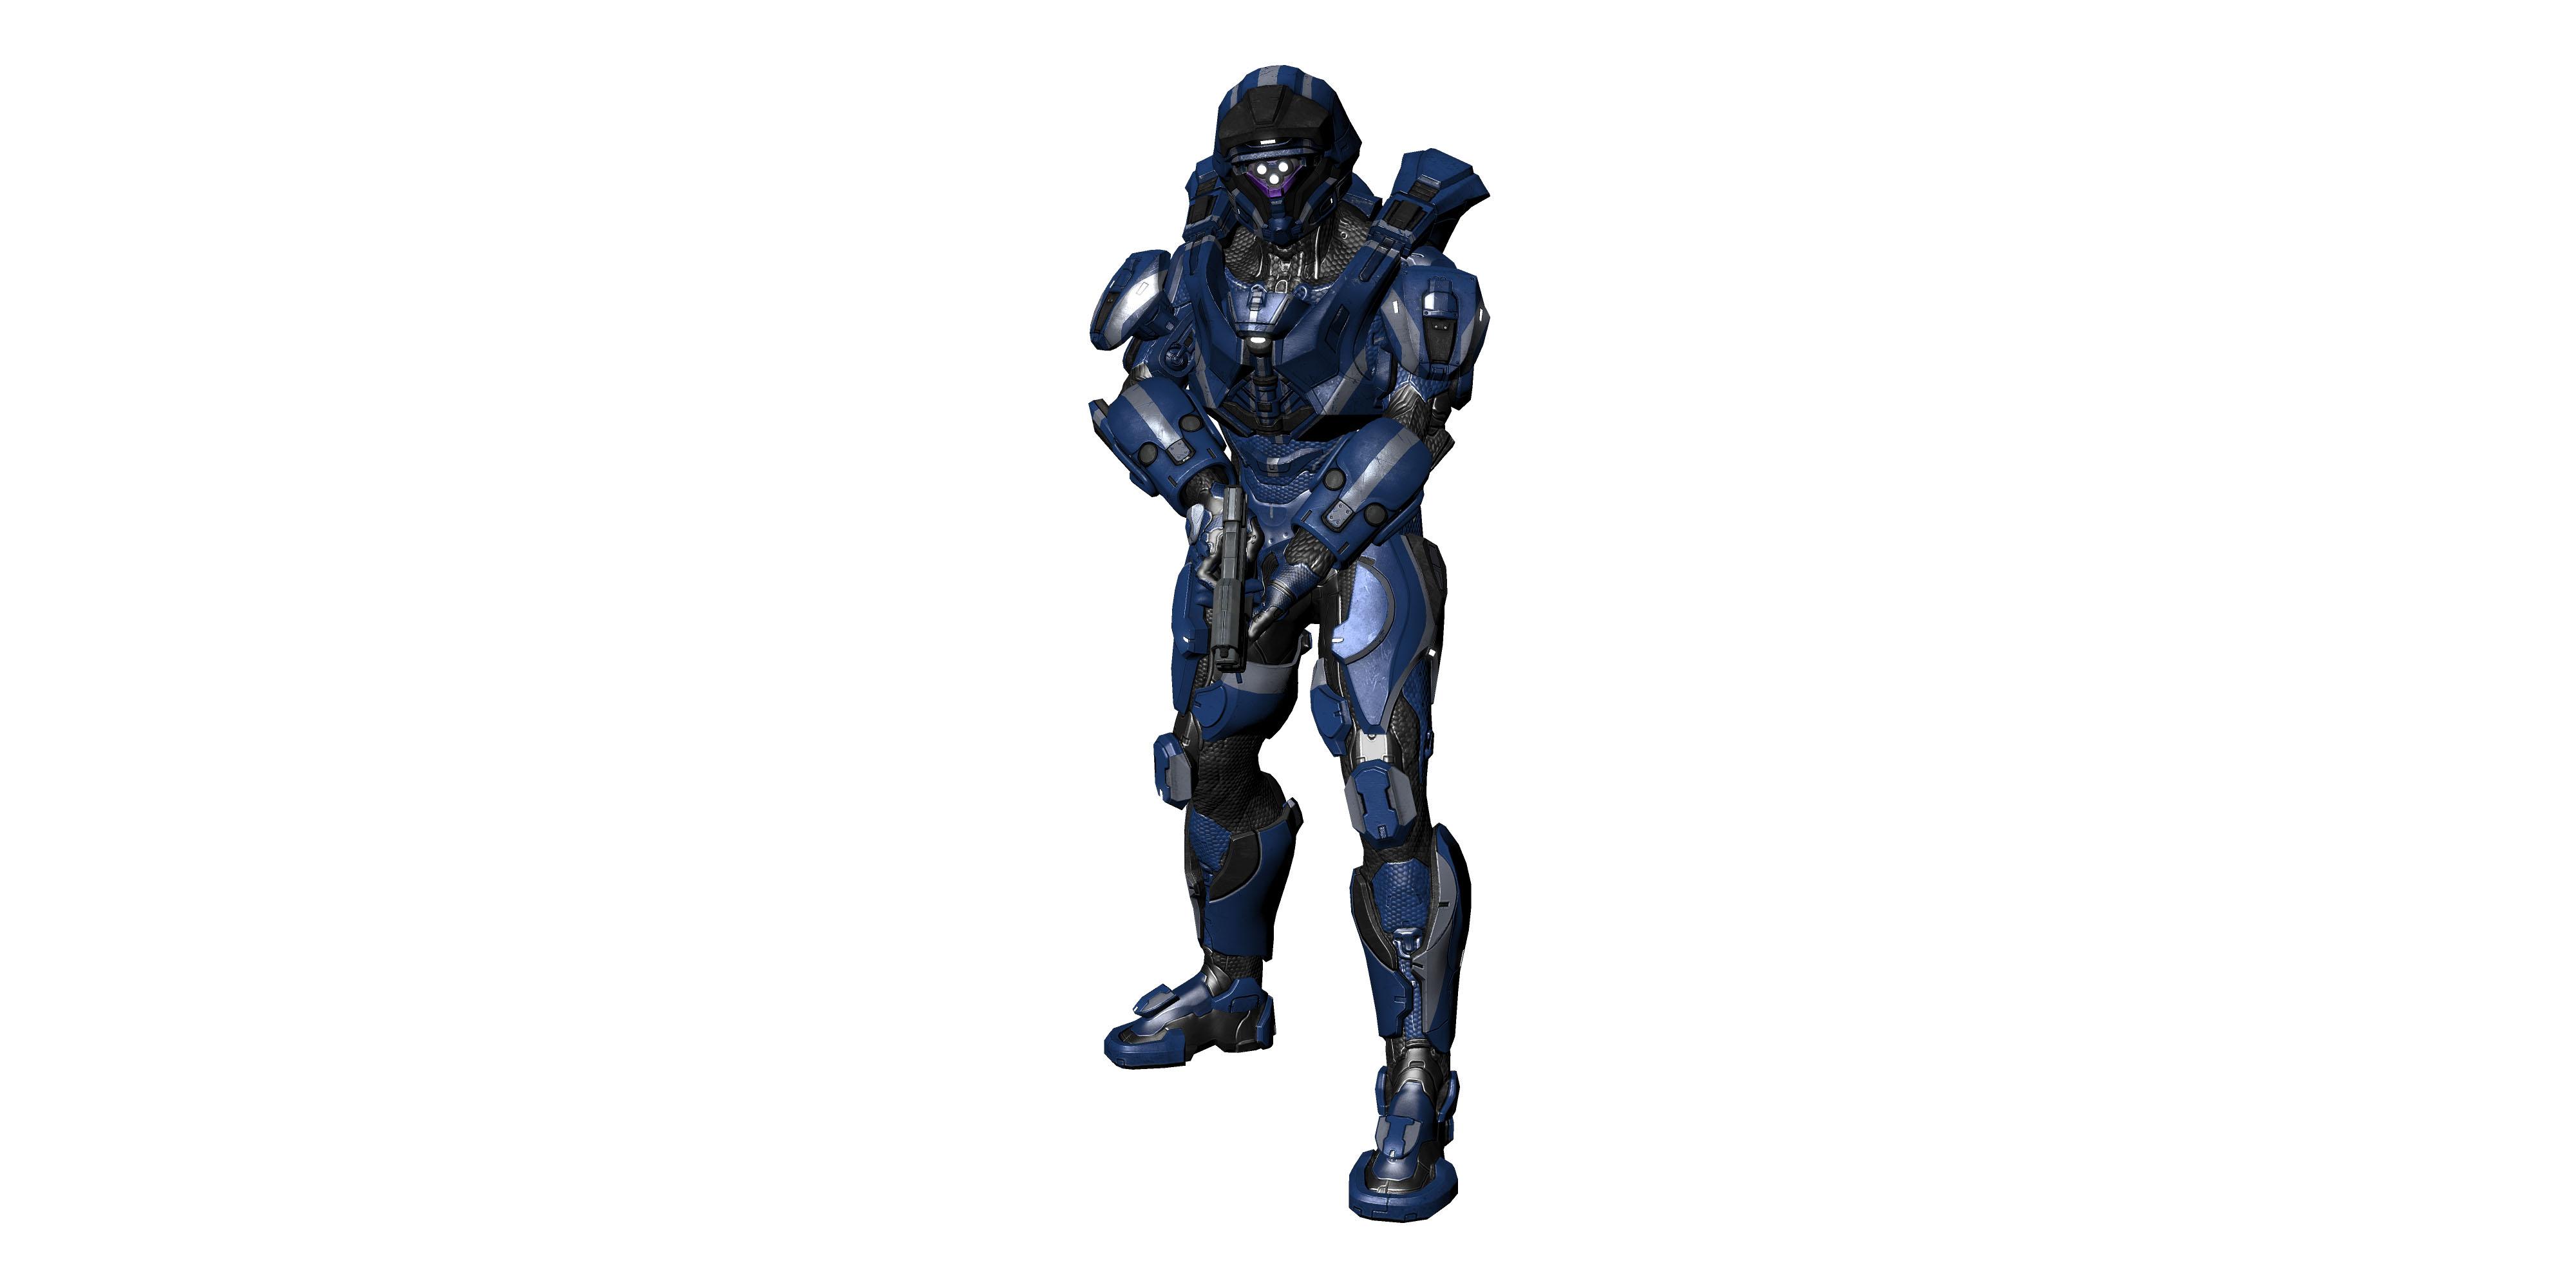 Halo 4 - Halo 4 4K, Арт, Персонаж